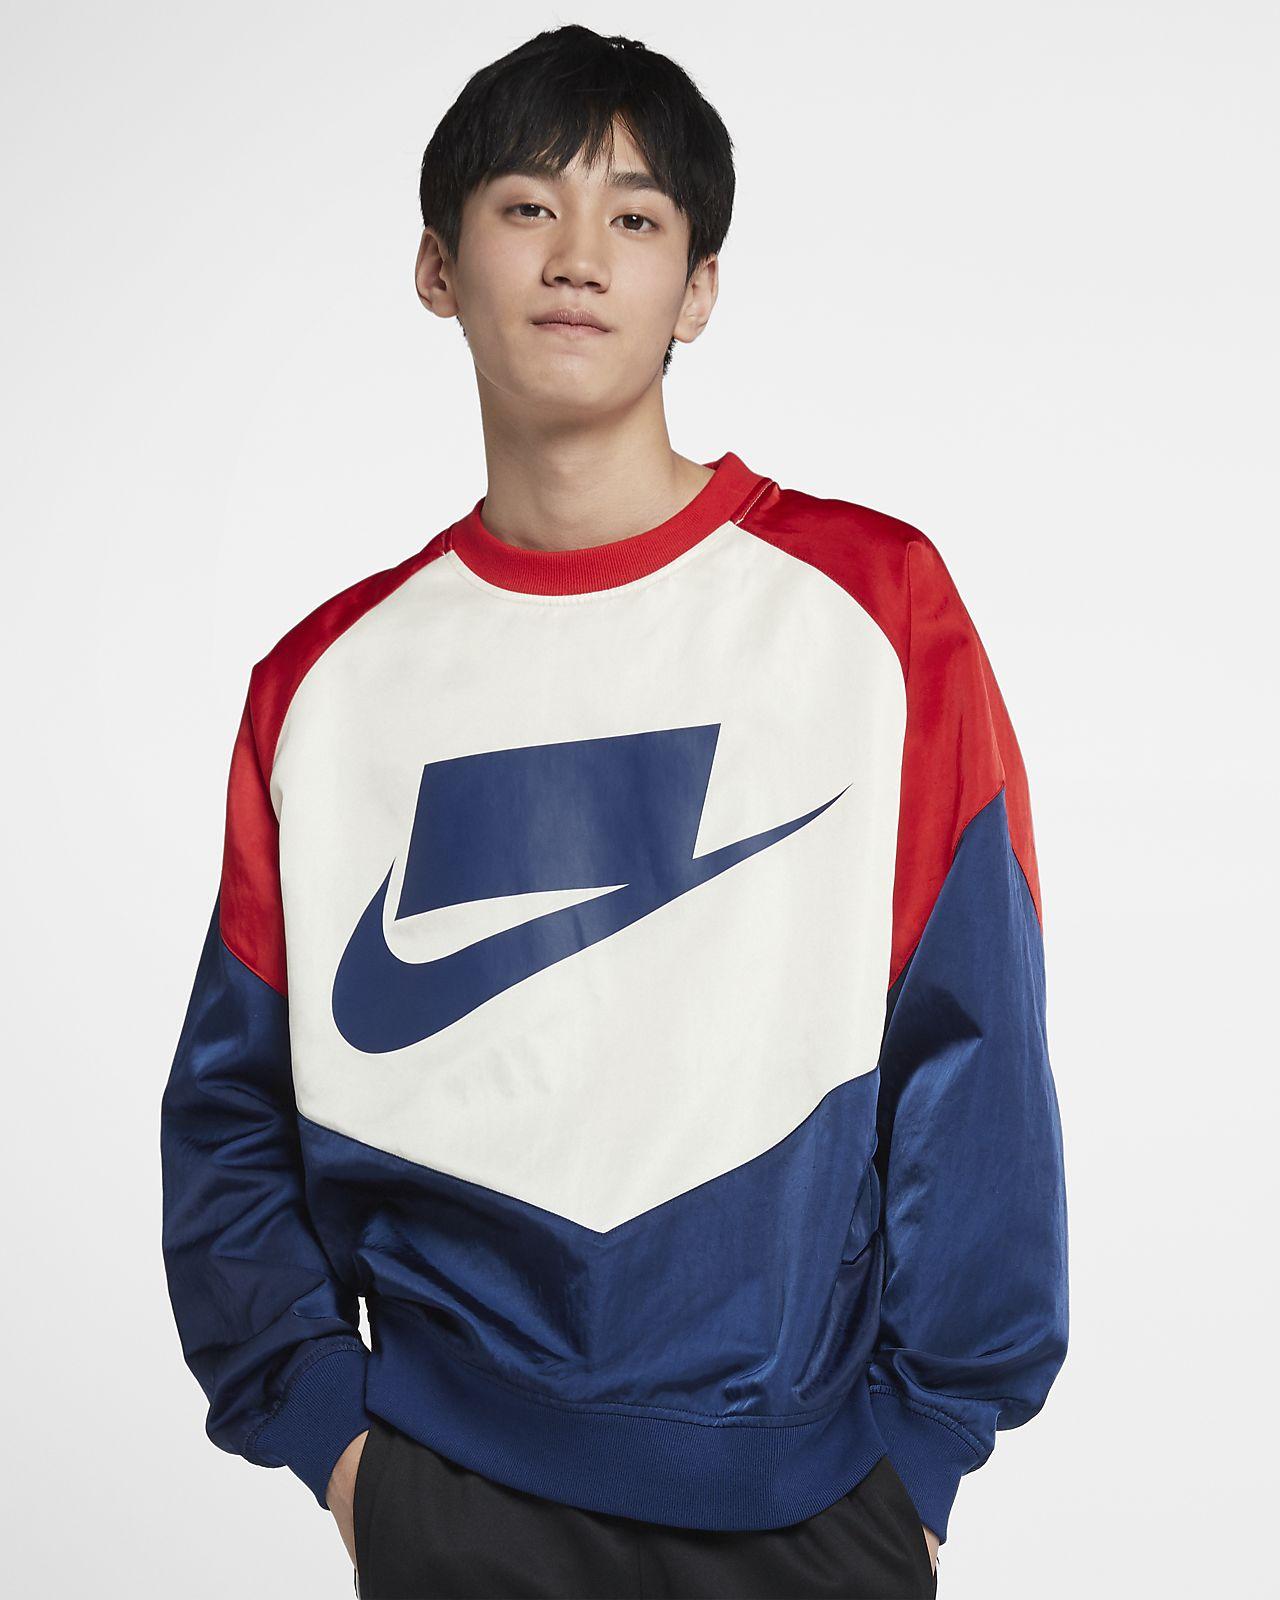 Nike Sportswear NSW 男子梭织圆领上衣